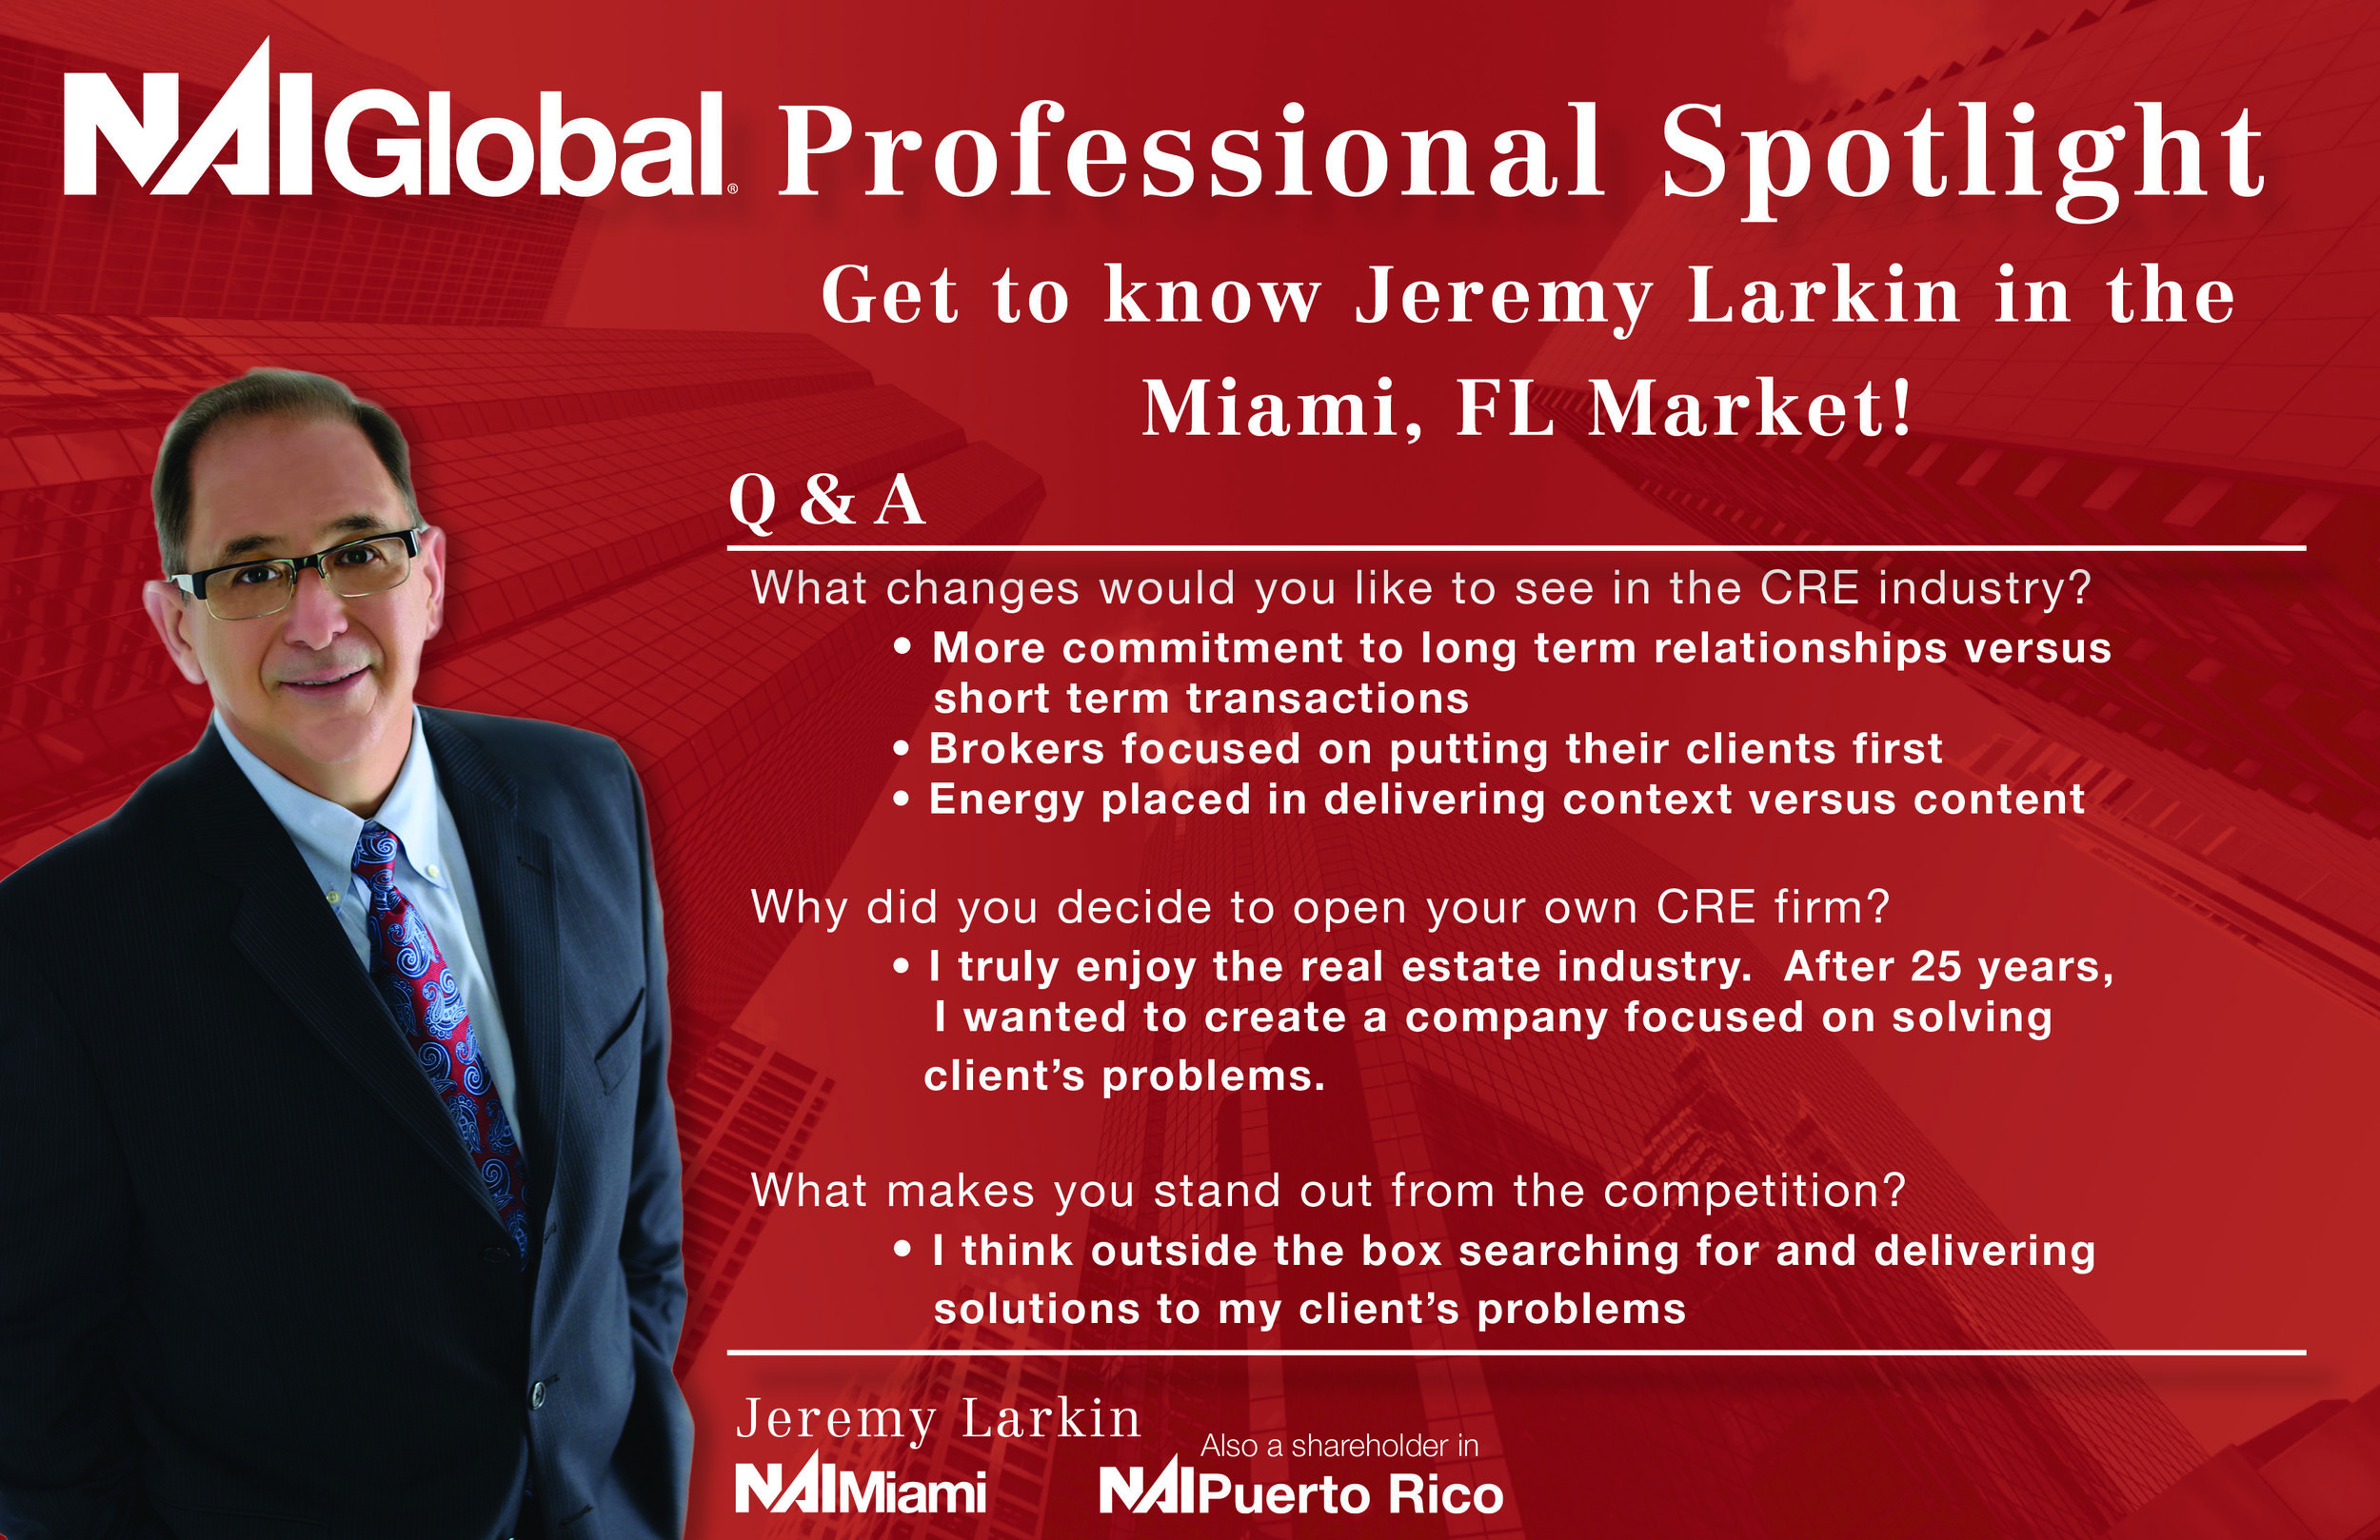 Professional Spotlight Jeremy Larkin57.jpg